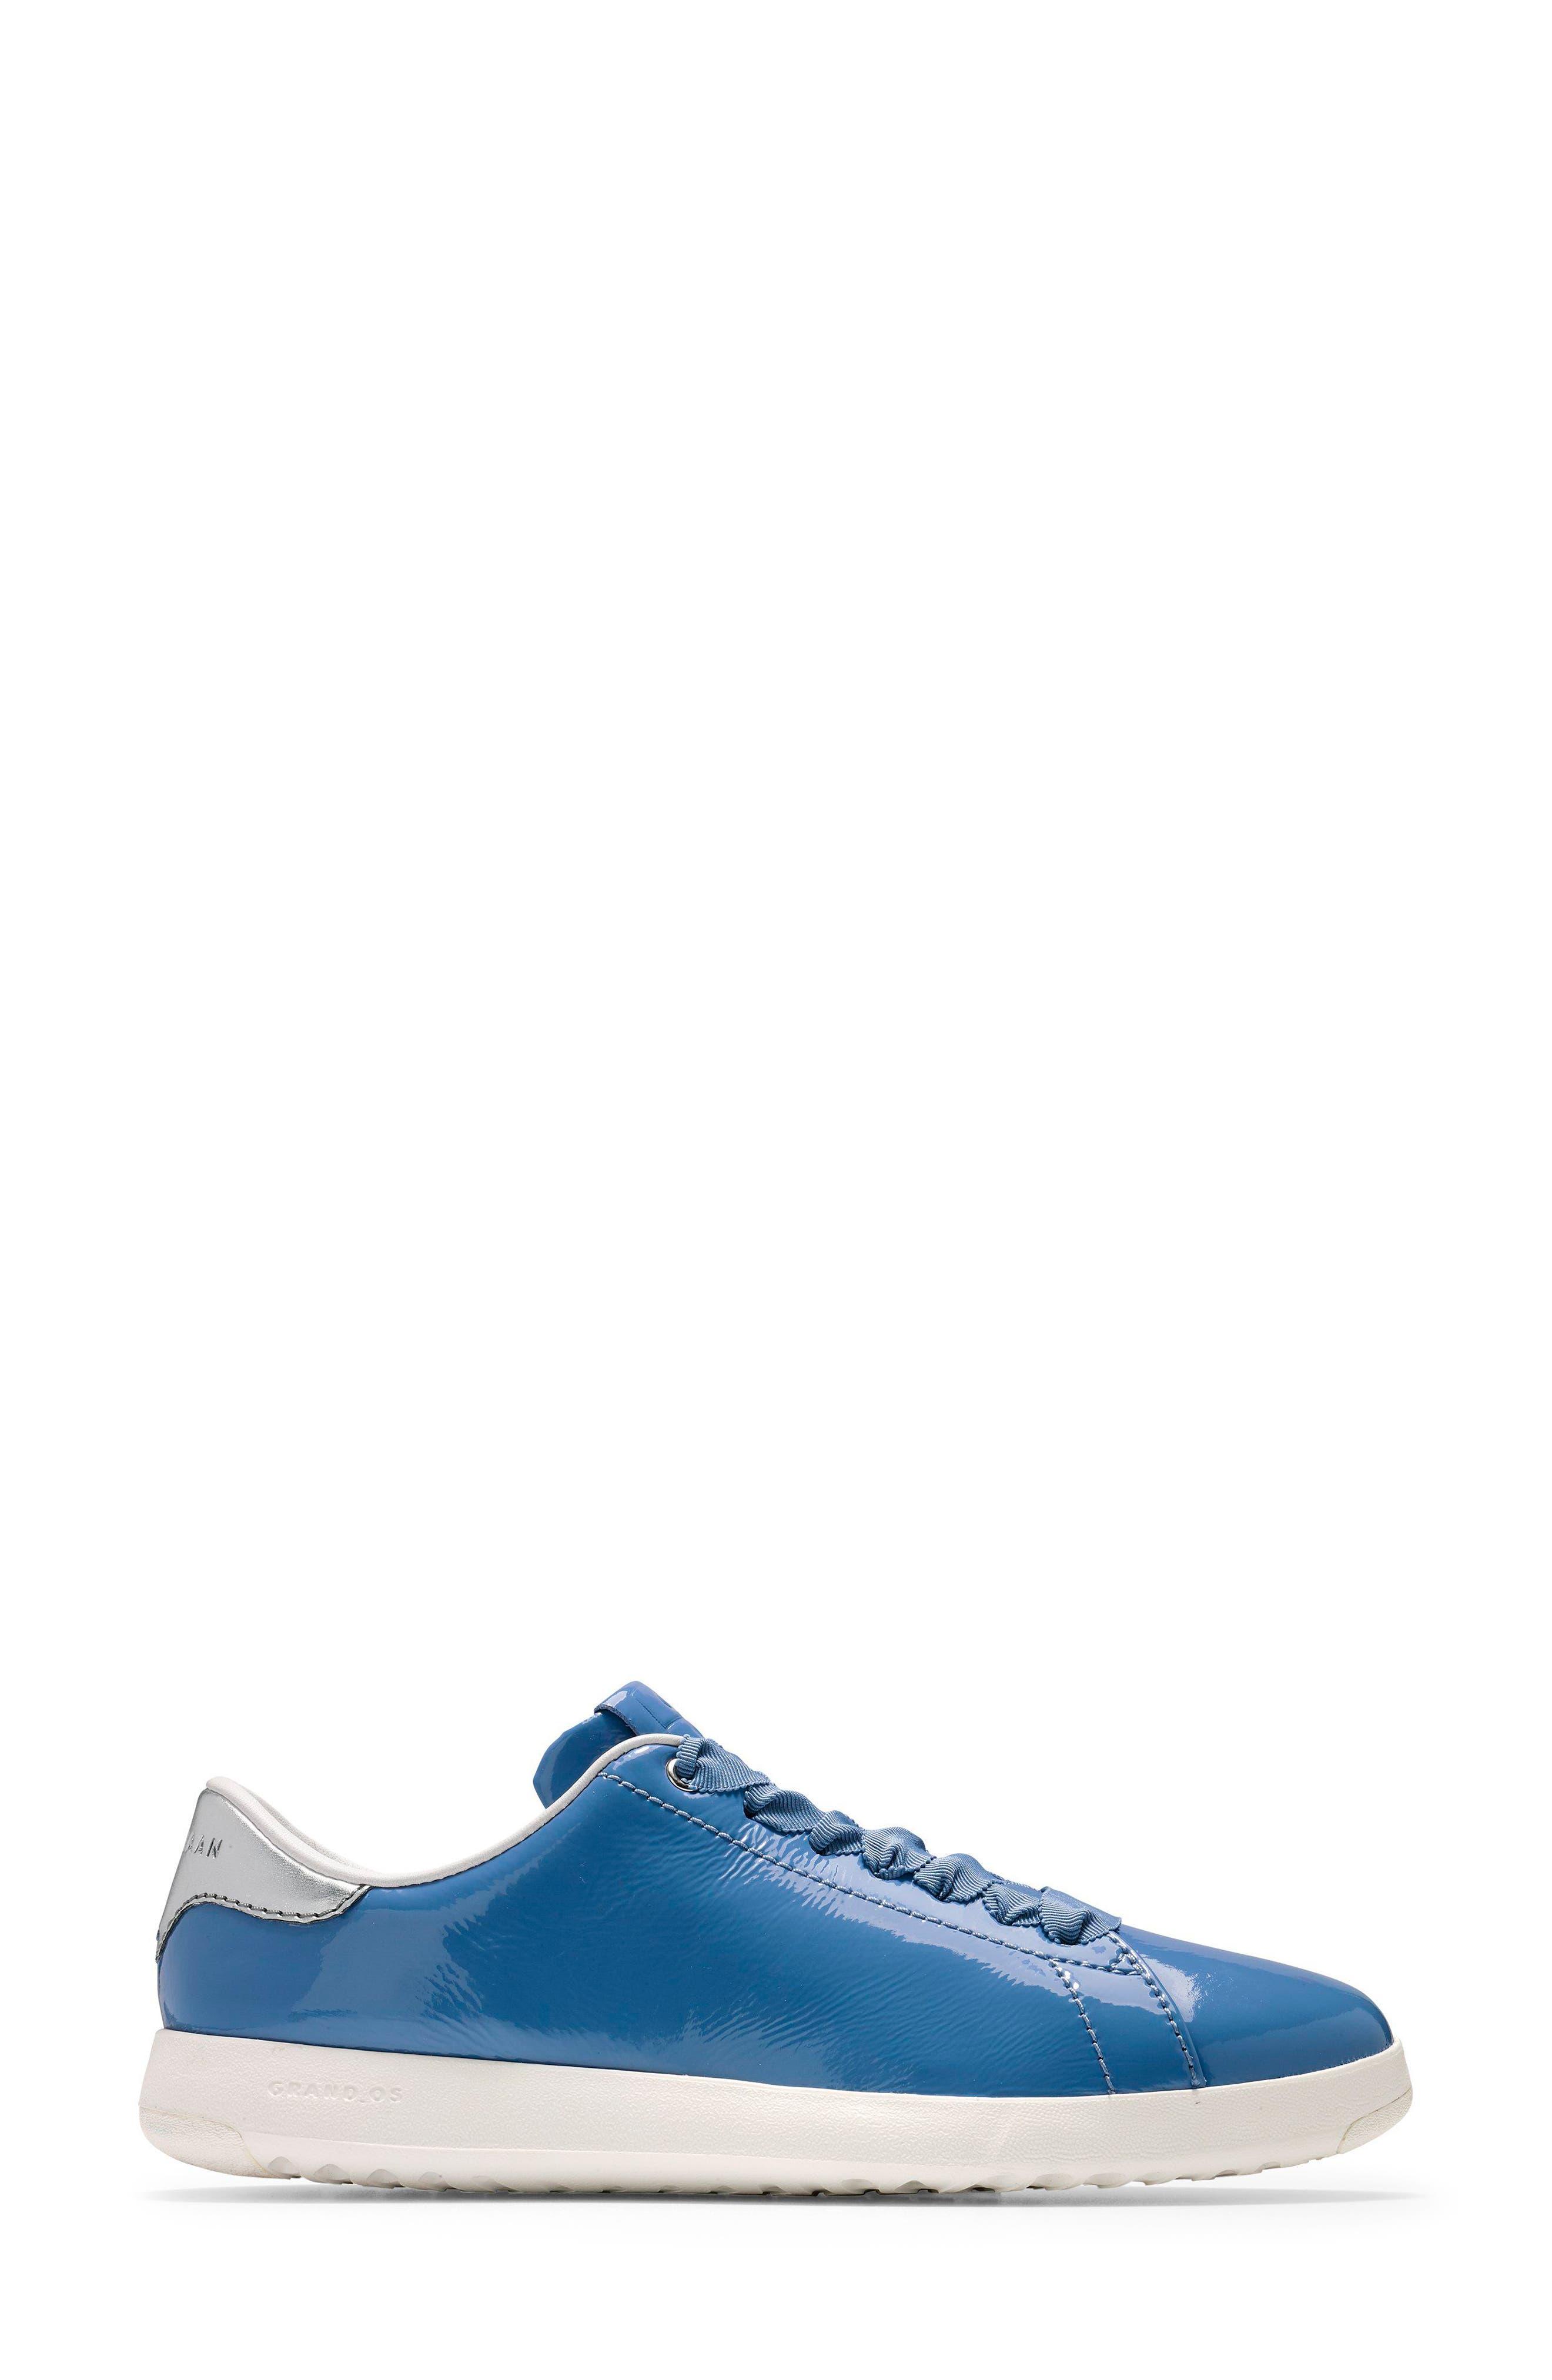 Alternate Image 3  - Cole Haan Grandpro Tennis Shoe (Women)